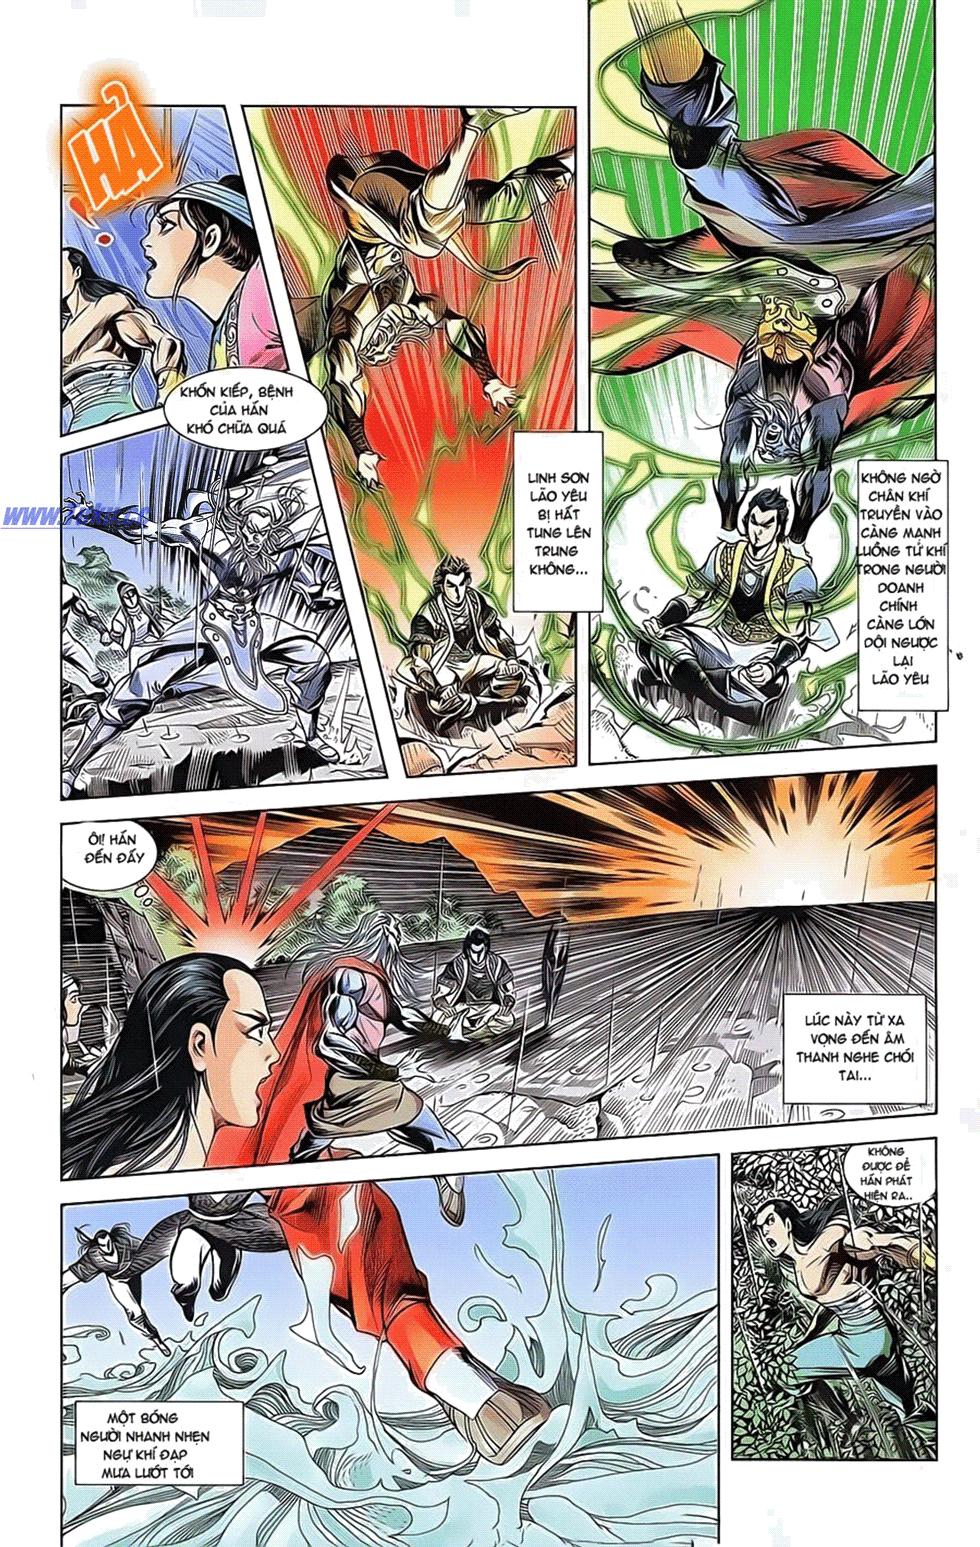 Tần Vương Doanh Chính chapter 18 trang 30